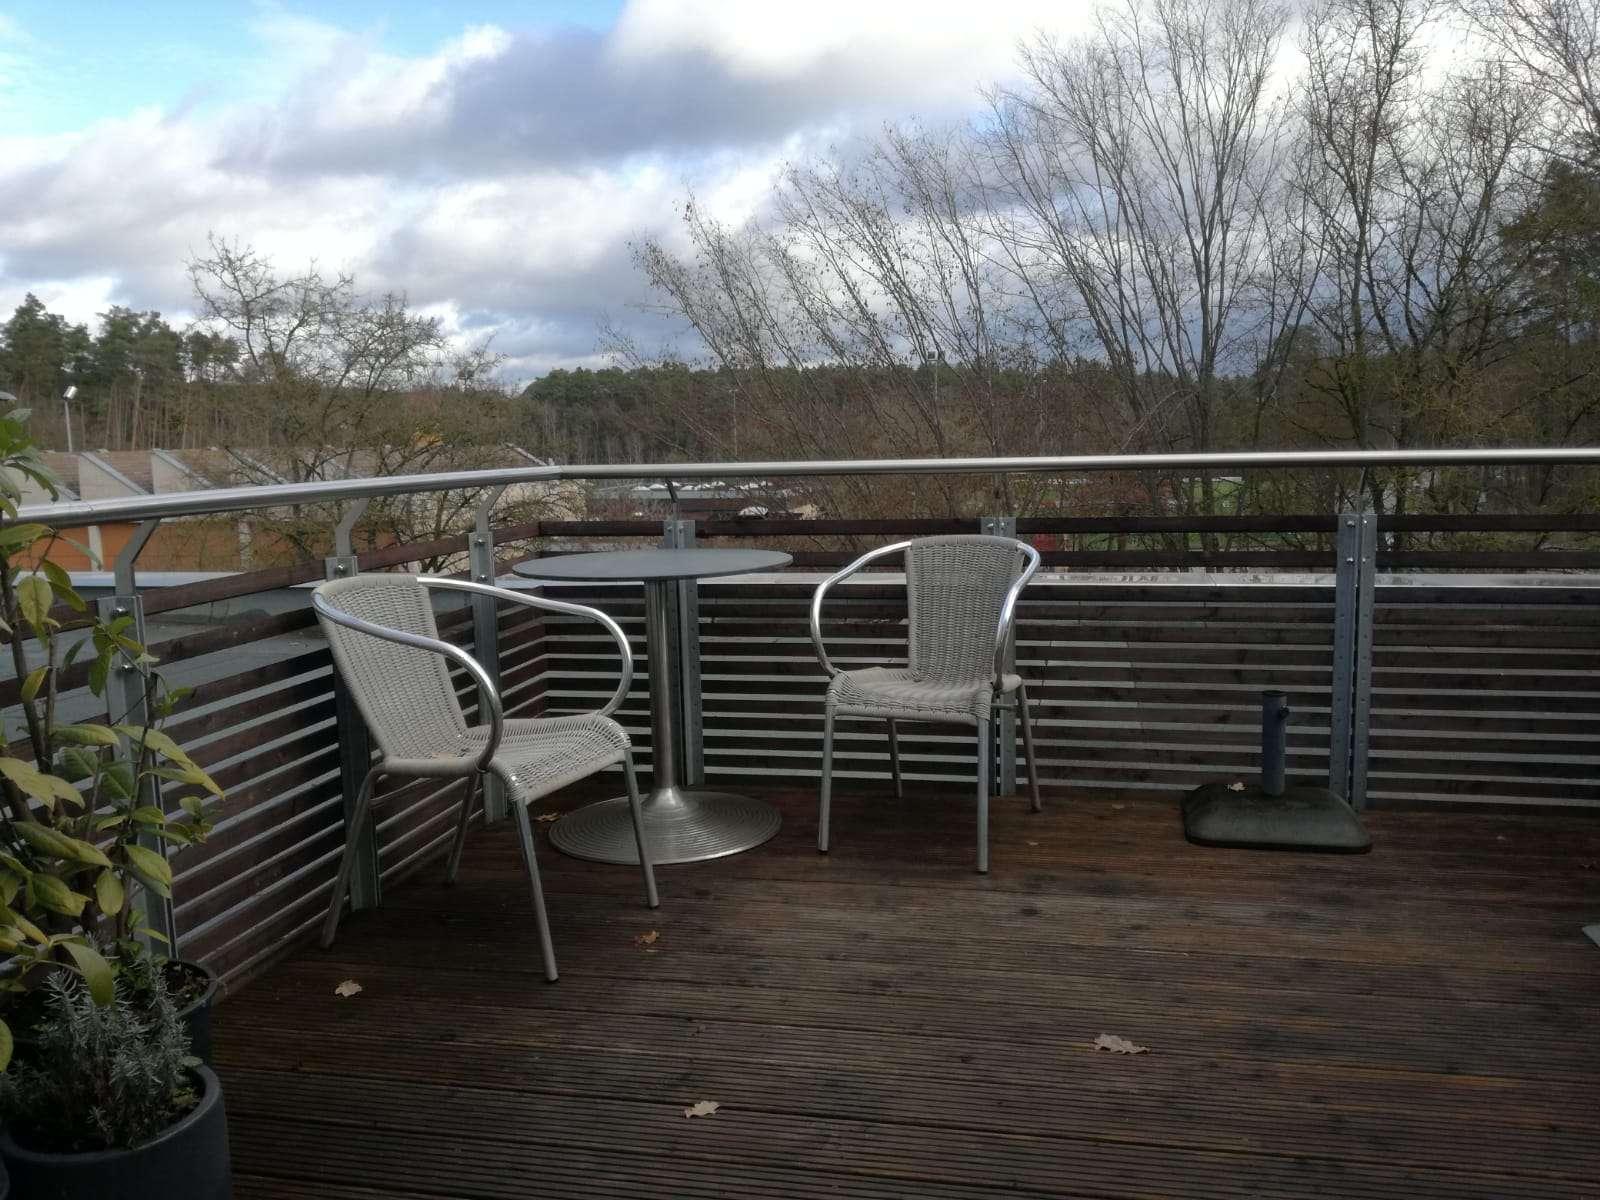 Schöne 2 1/2 Zimmer Wohnung in familienfreundlicher Umgebung zu vermieten in Cadolzburg (Fürth)